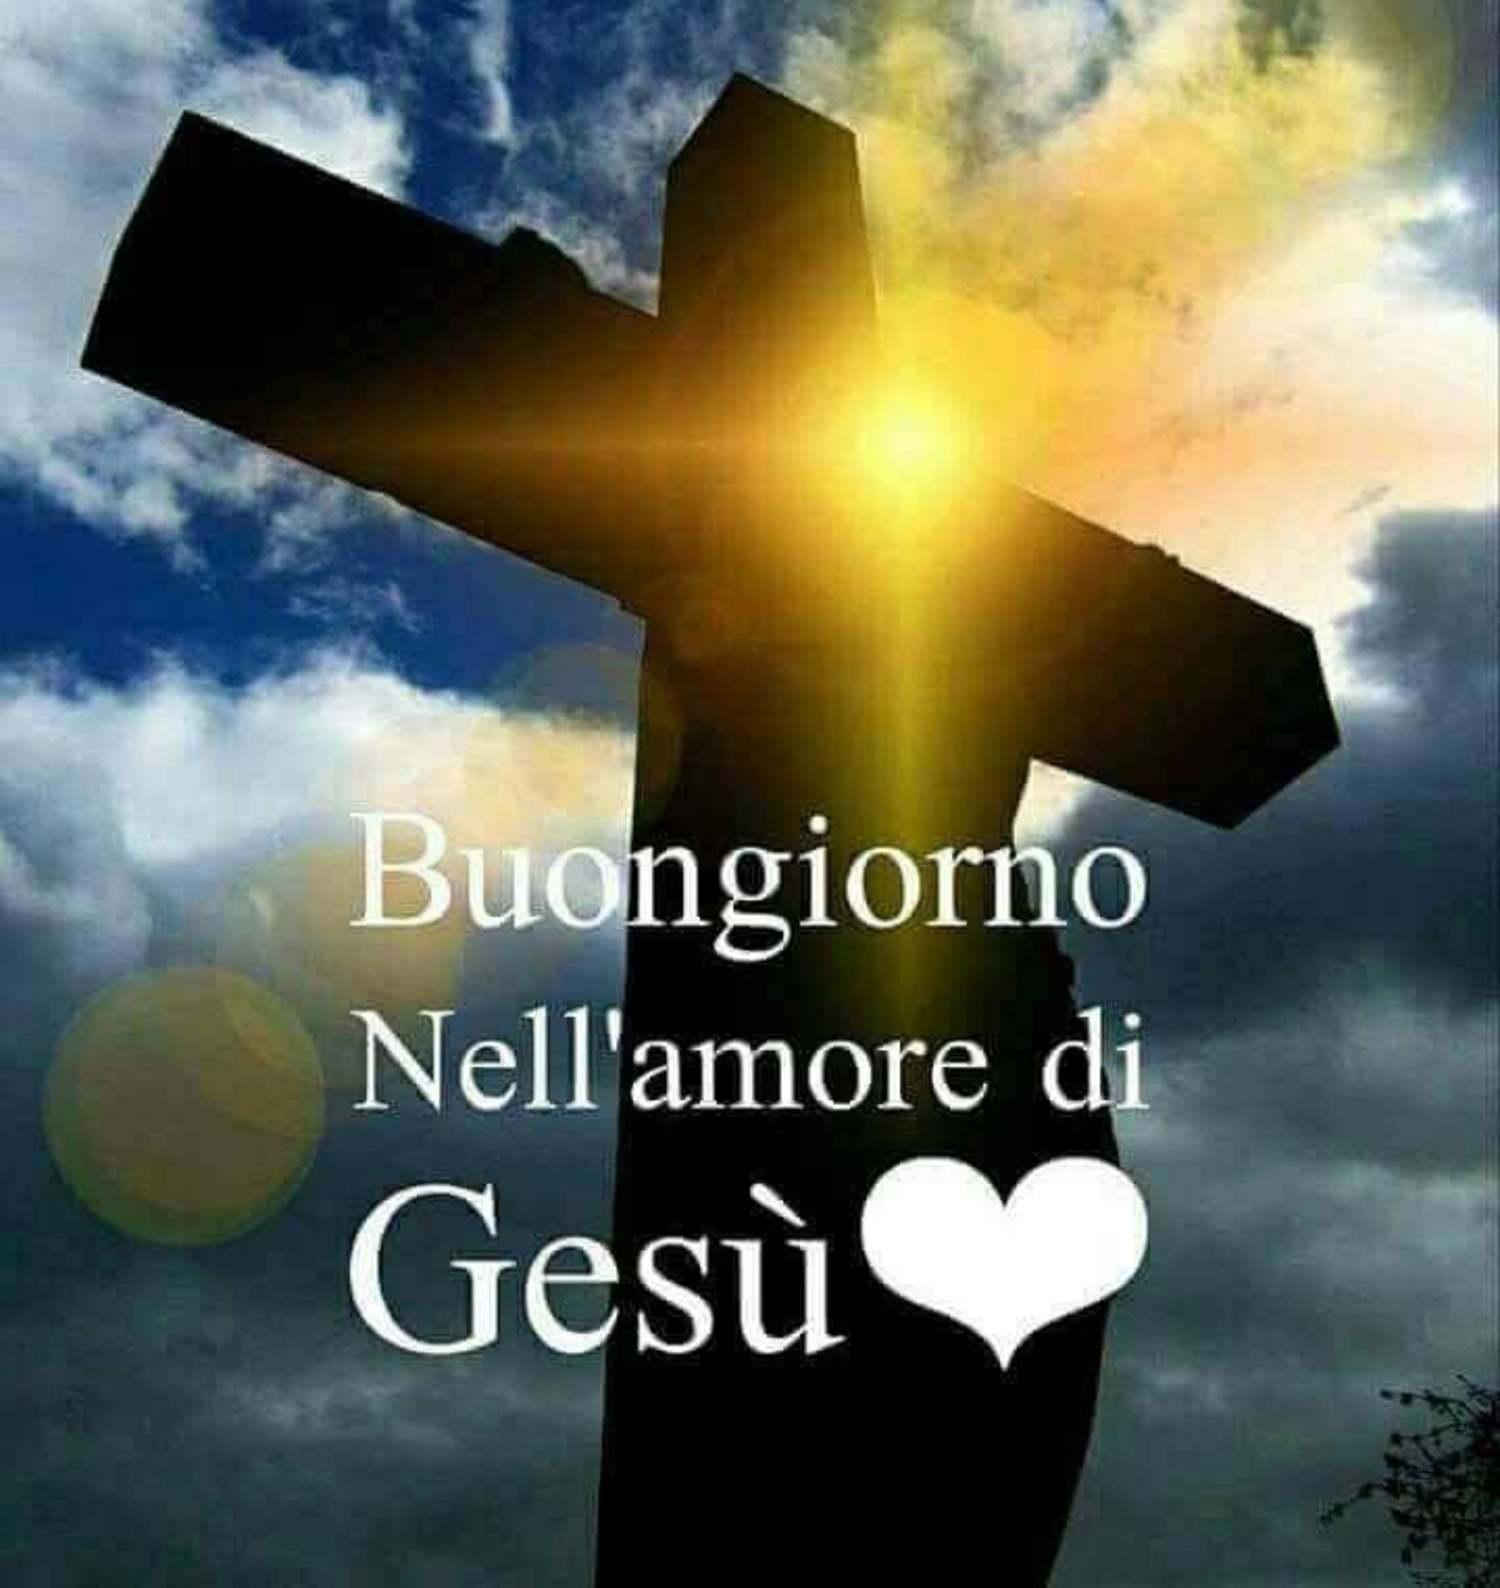 Buongiorno nell'amore di Gesù